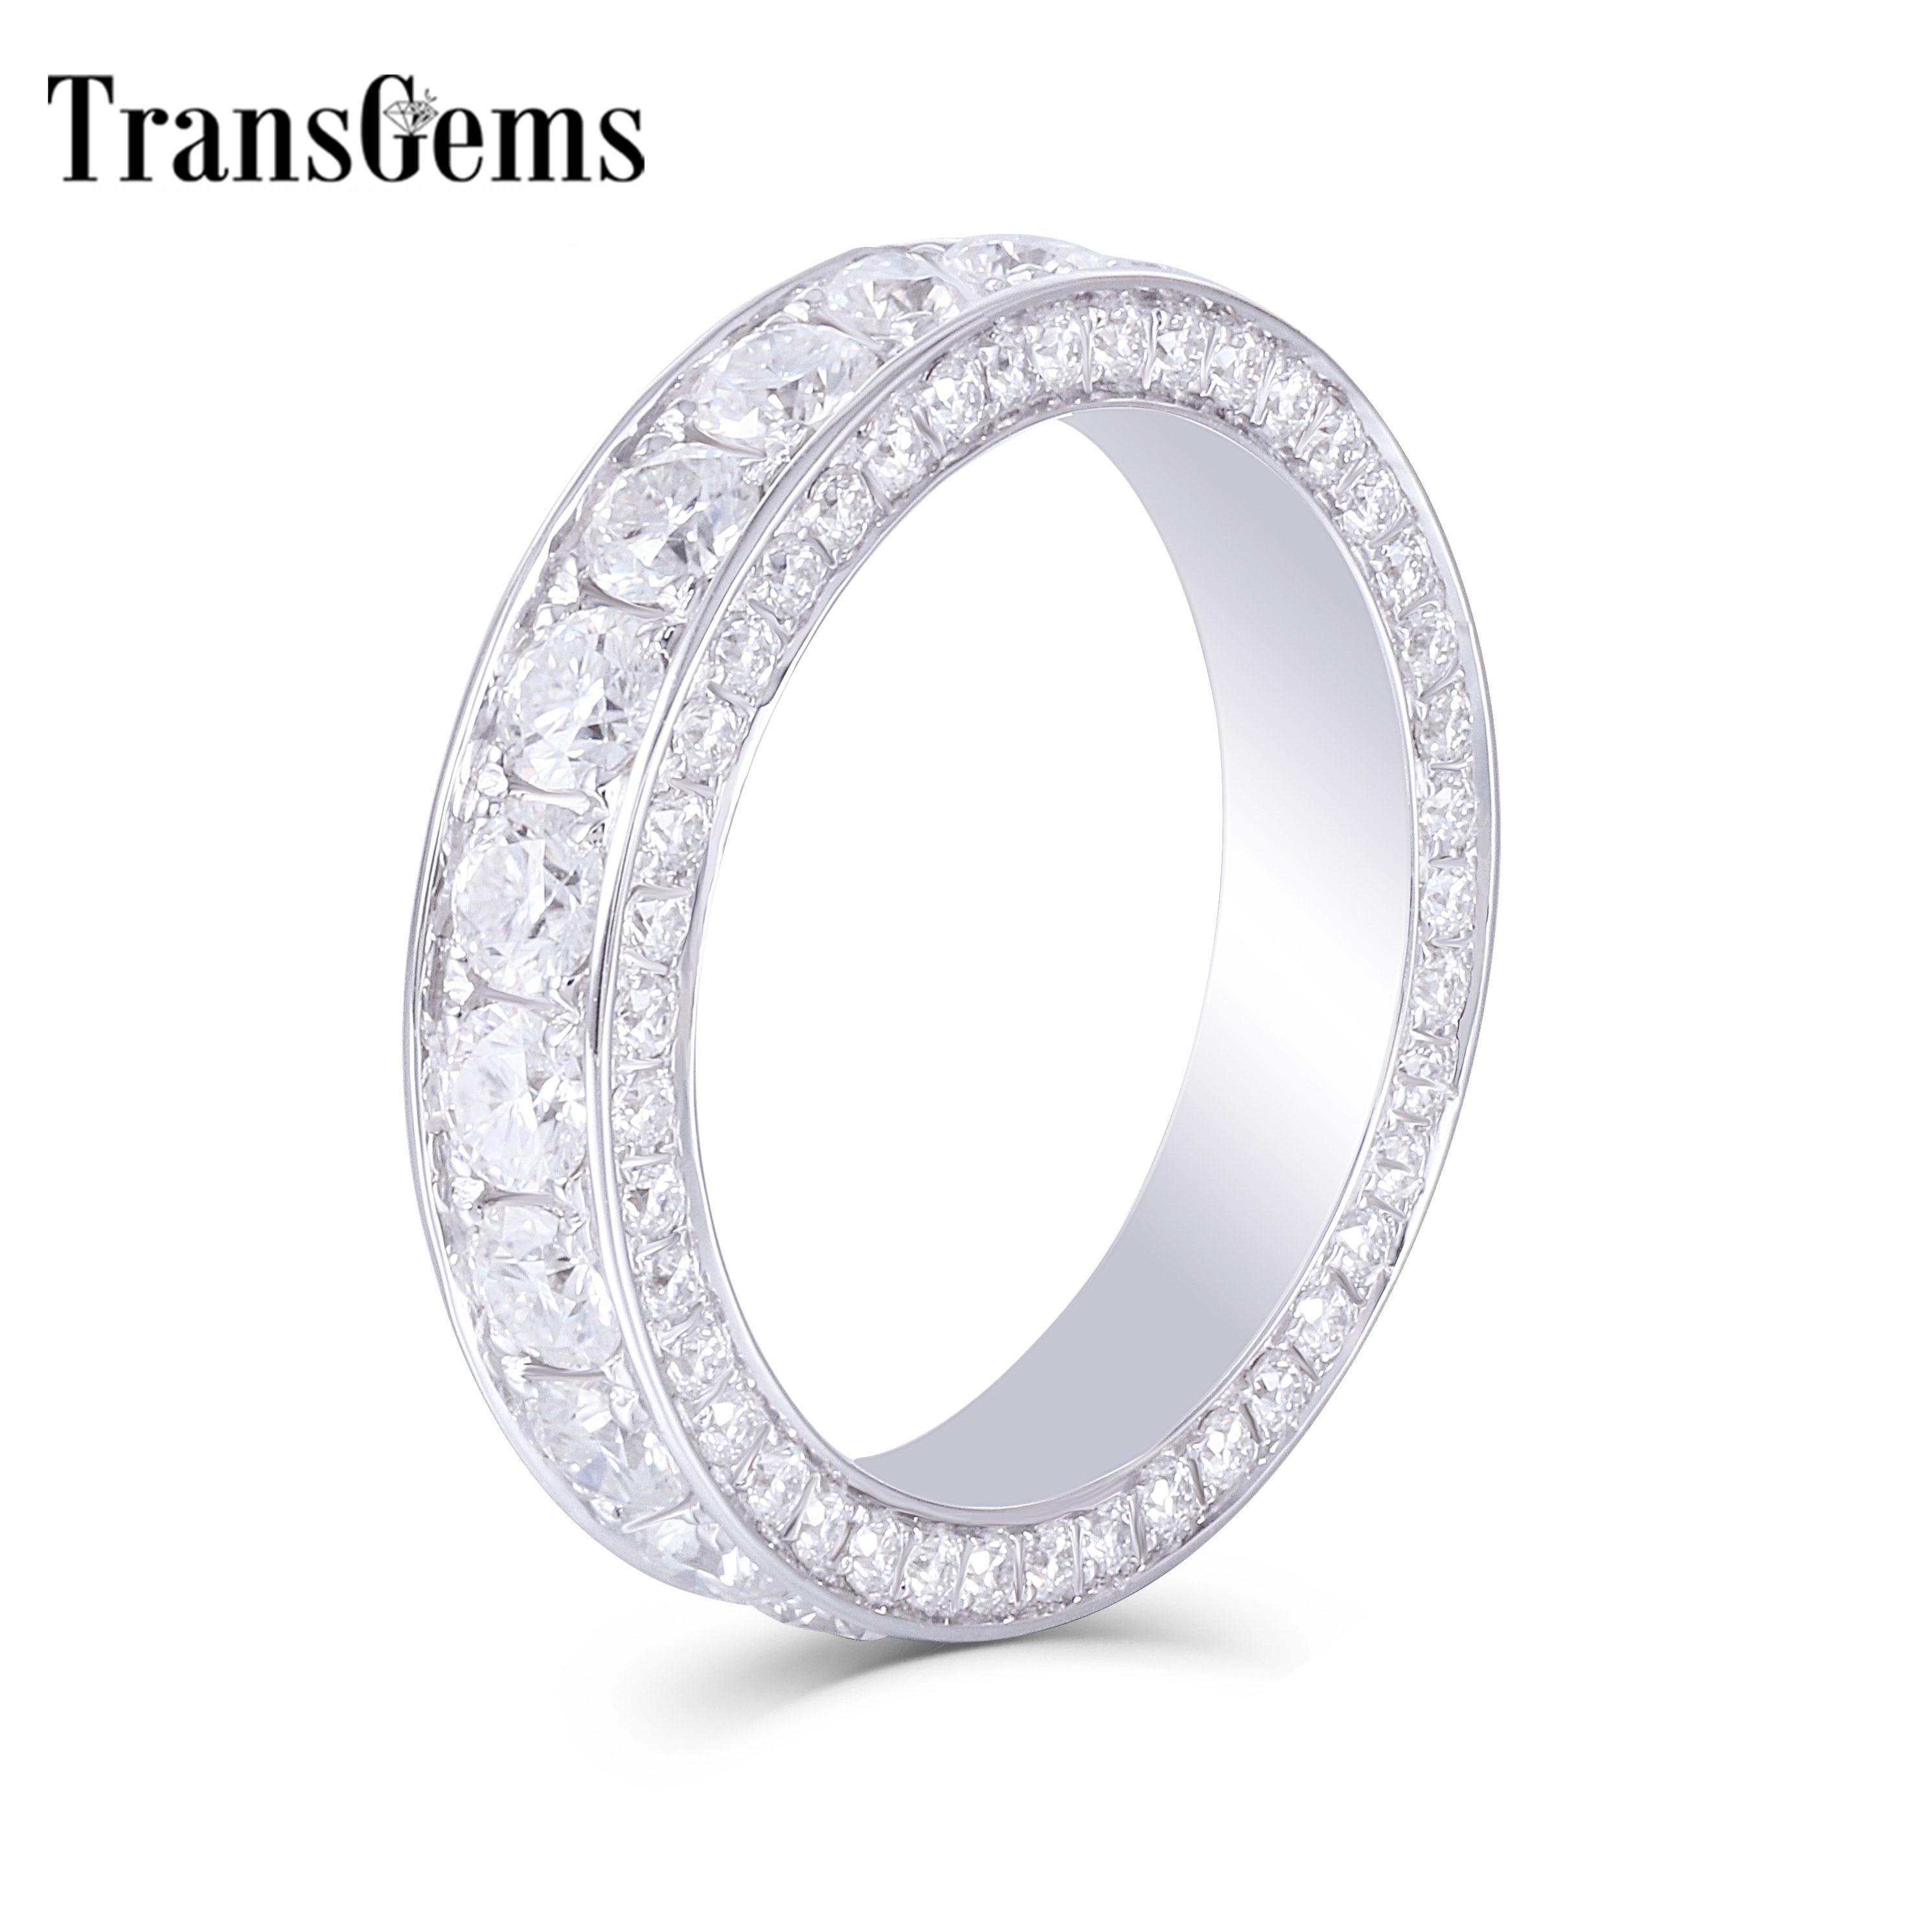 Transagems 14K białe złoto F kolor Moissanite wieczność rocznica Wedding Band pierścionek zaręczynowy dla kobiet i mężczyzn biżuteria w Pierścionki od Biżuteria i akcesoria na  Grupa 1